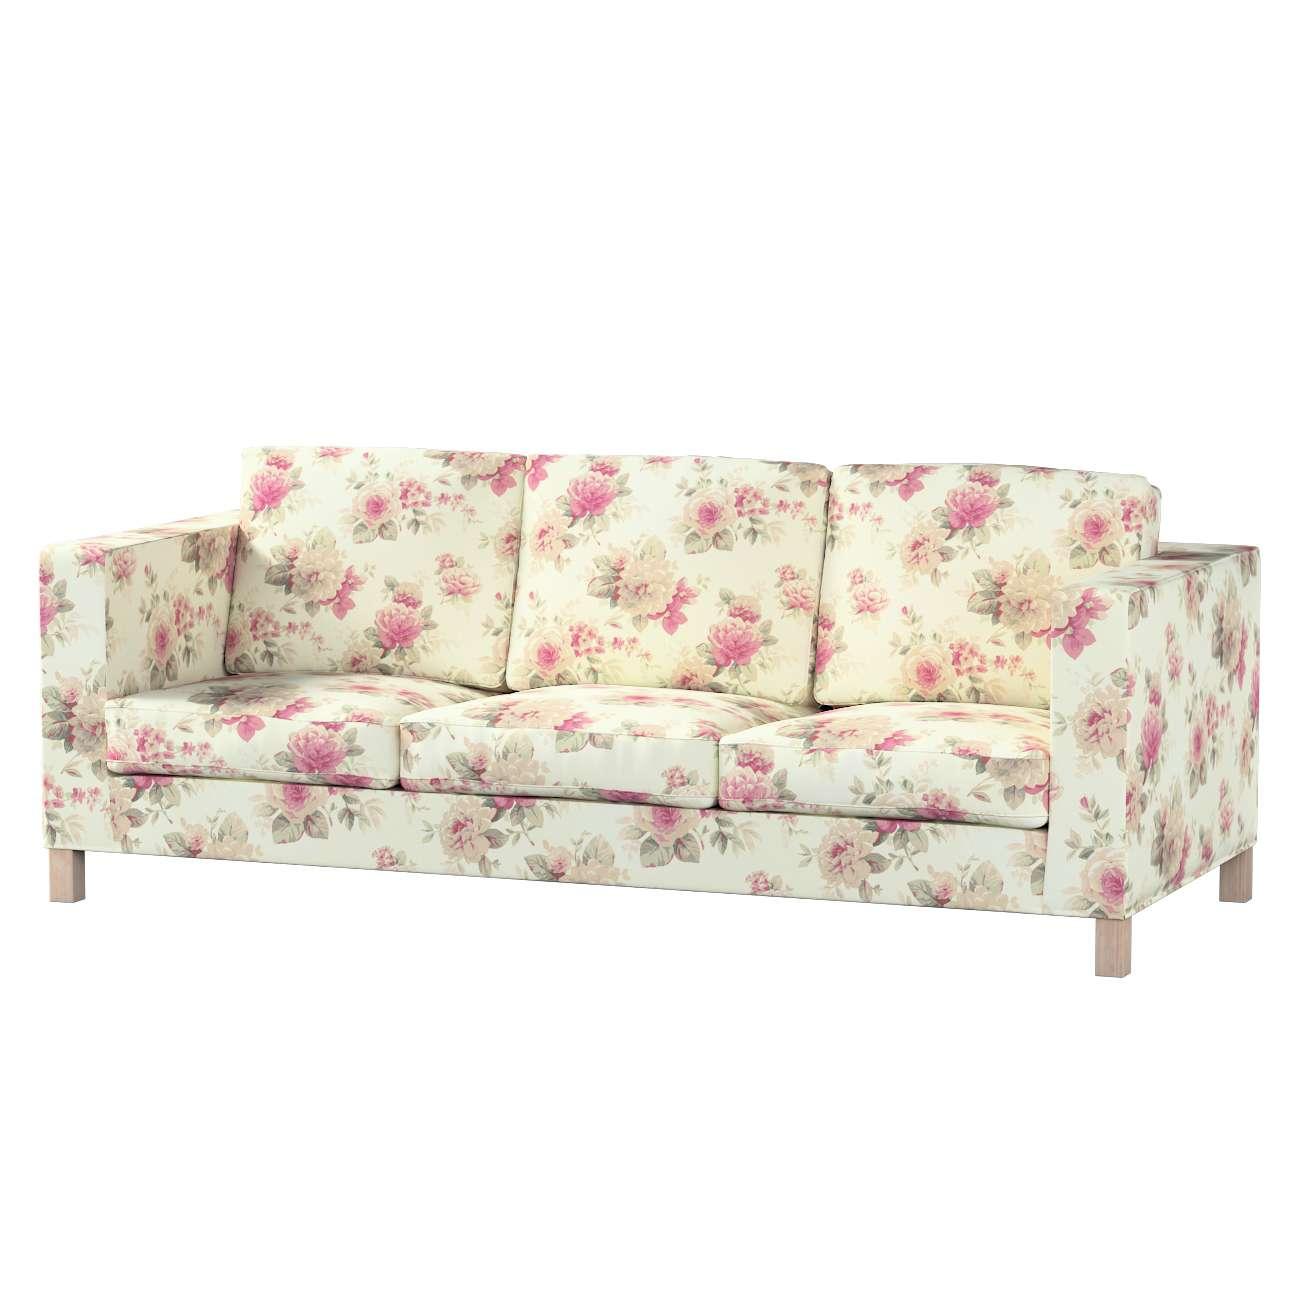 Pokrowiec na sofę Karlanda 3-osobową nierozkładaną, krótki w kolekcji Londres, tkanina: 141-07